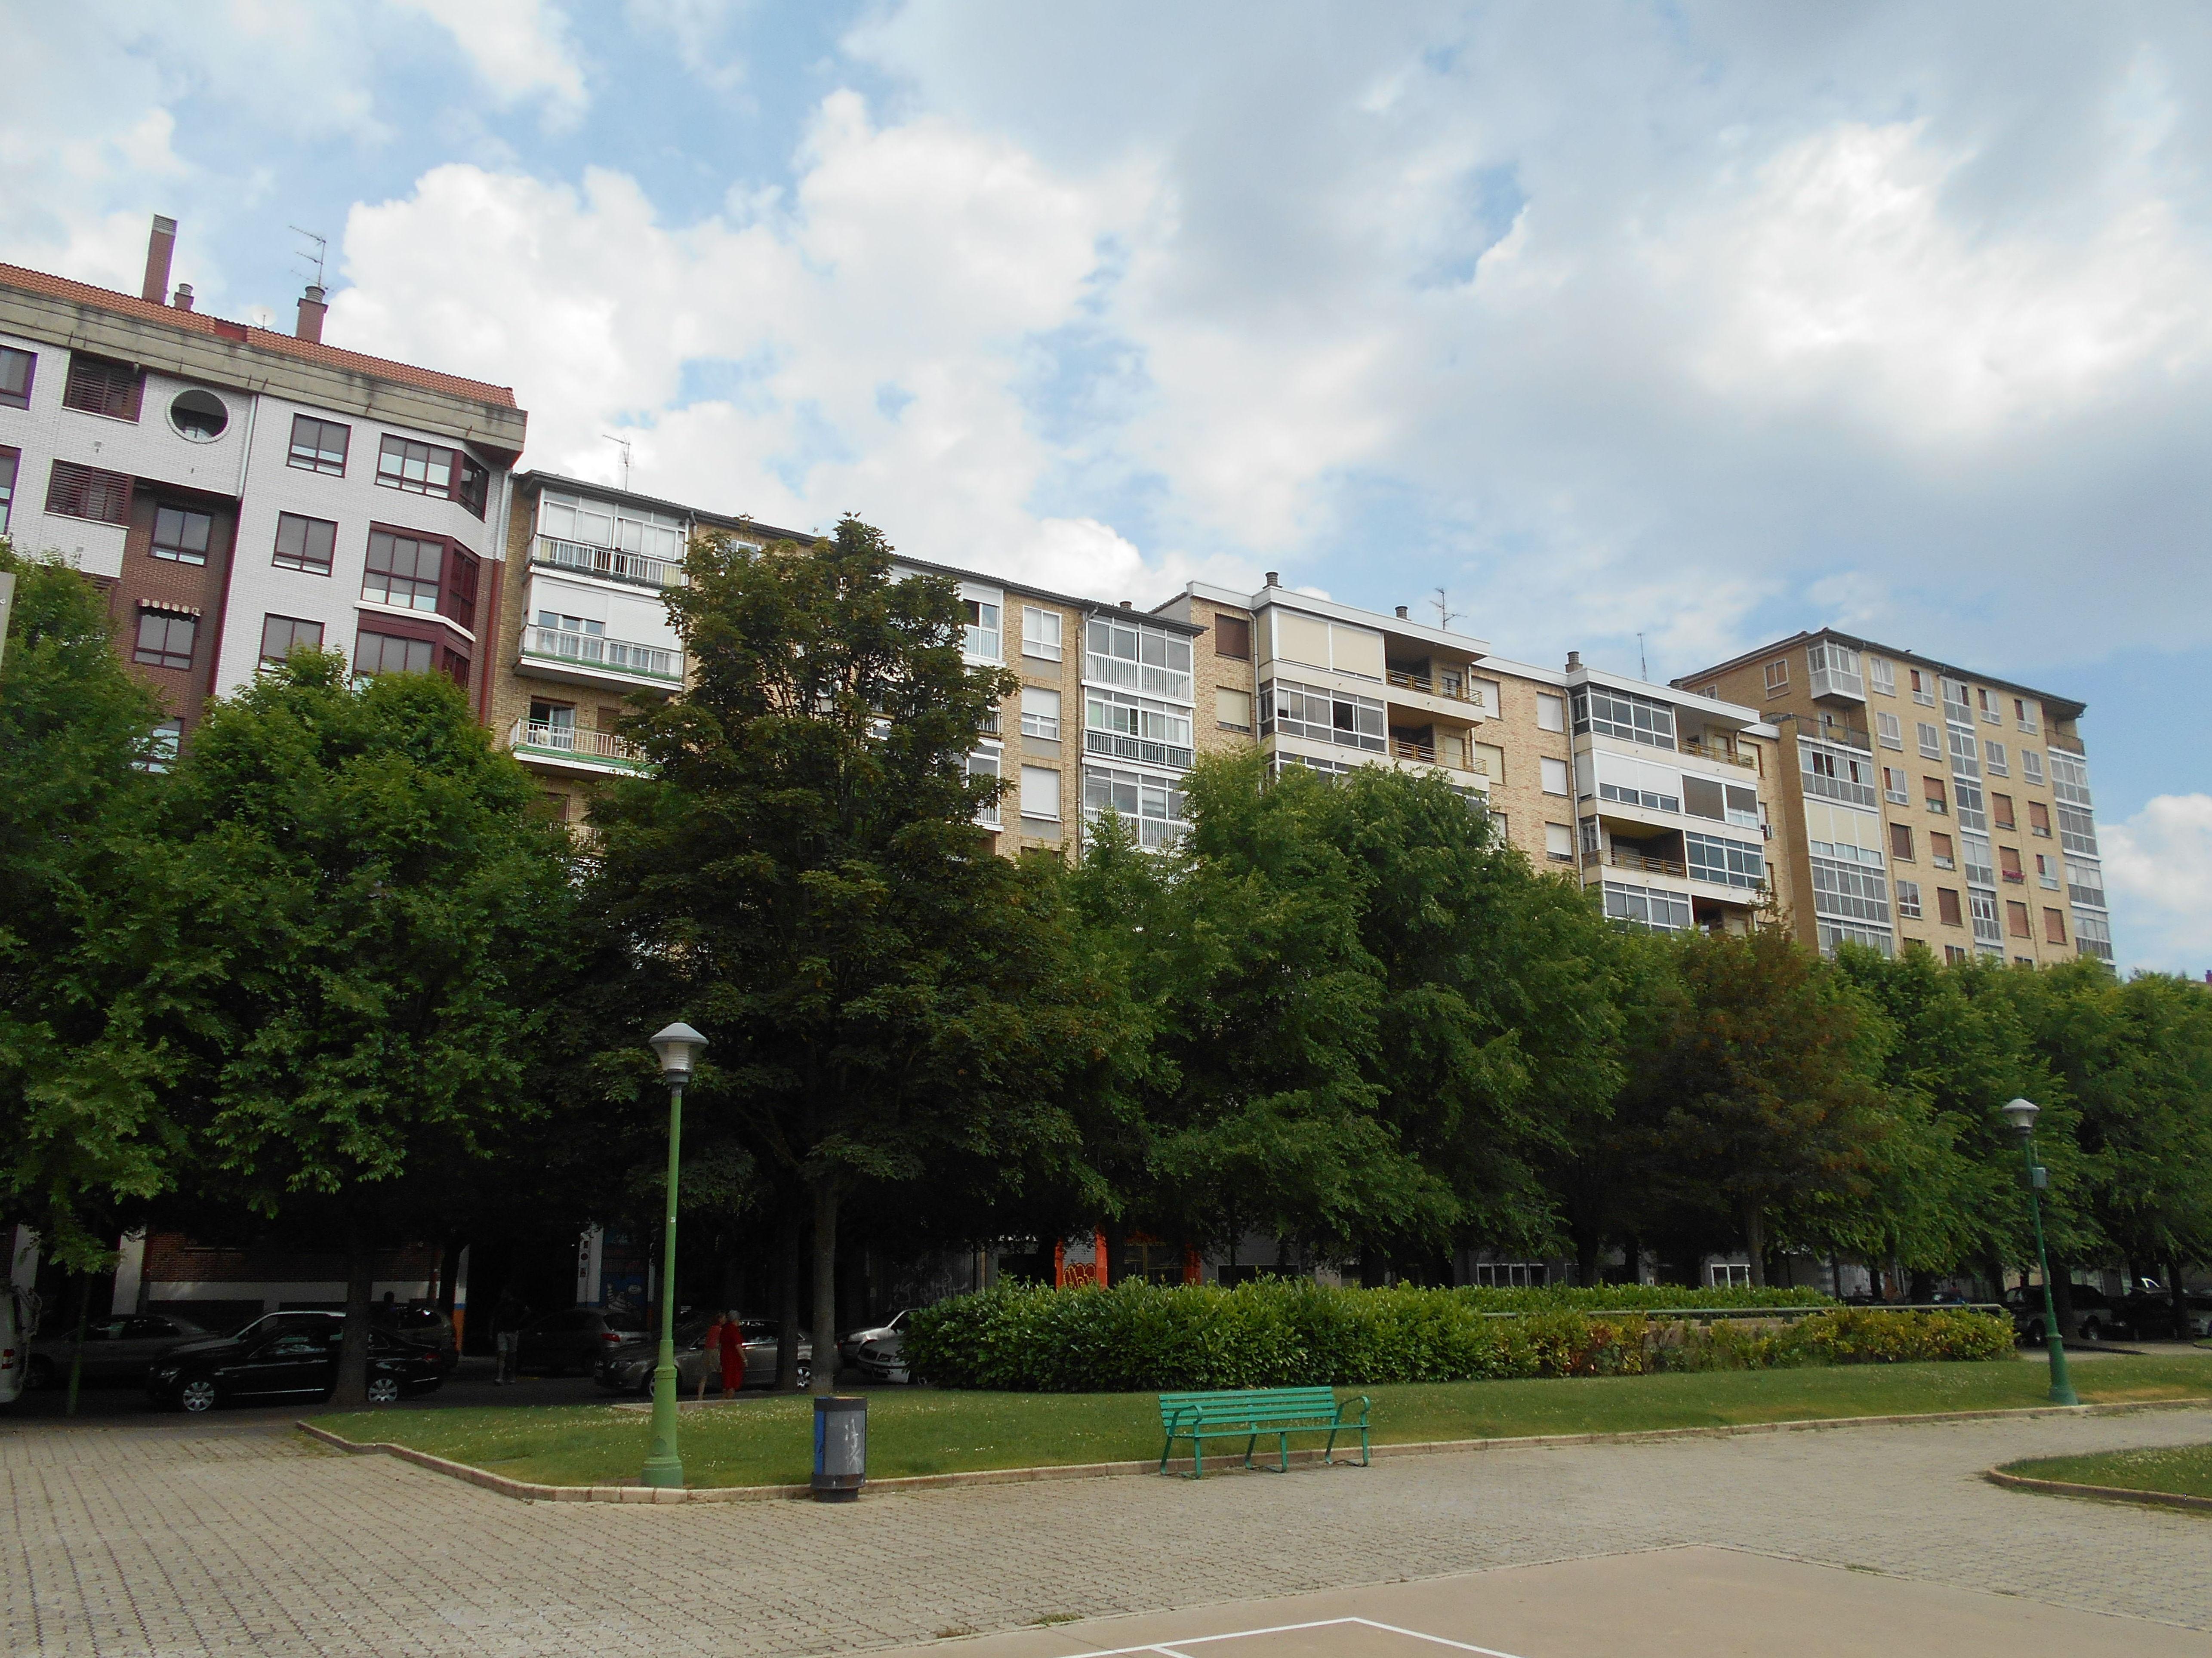 Piso Federico Martínez Varea: Venta y alquiler de inmuebles de Inmobiliaria Renedo